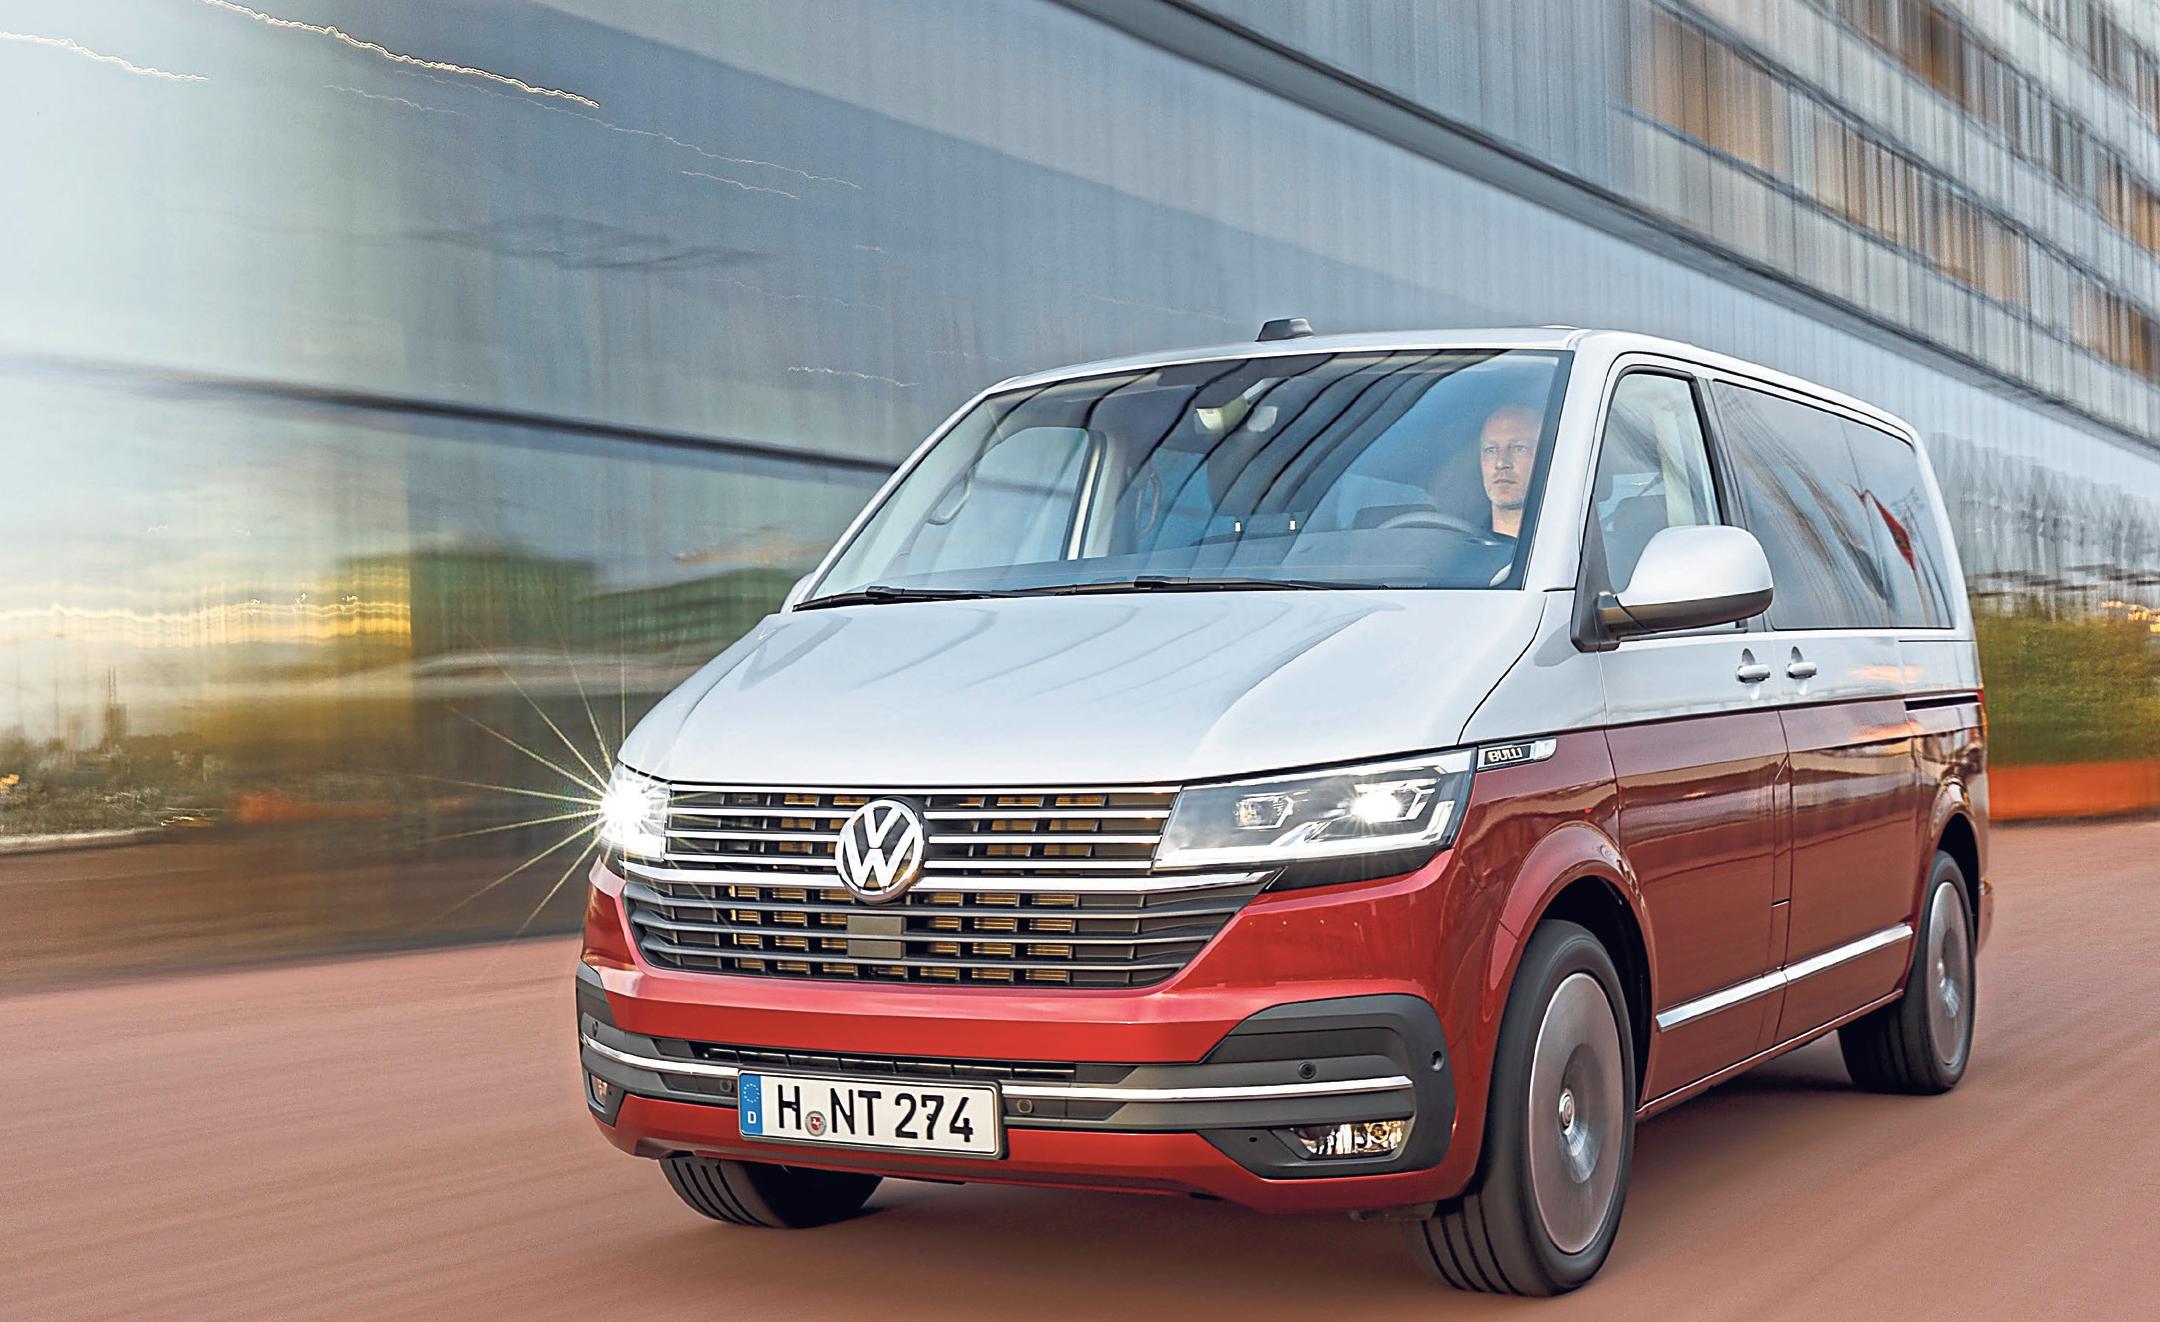 Der Multivan ist ein sehr vielseitiges Alltags- und Freizeitfahrzeug für bis zu sieben Personen